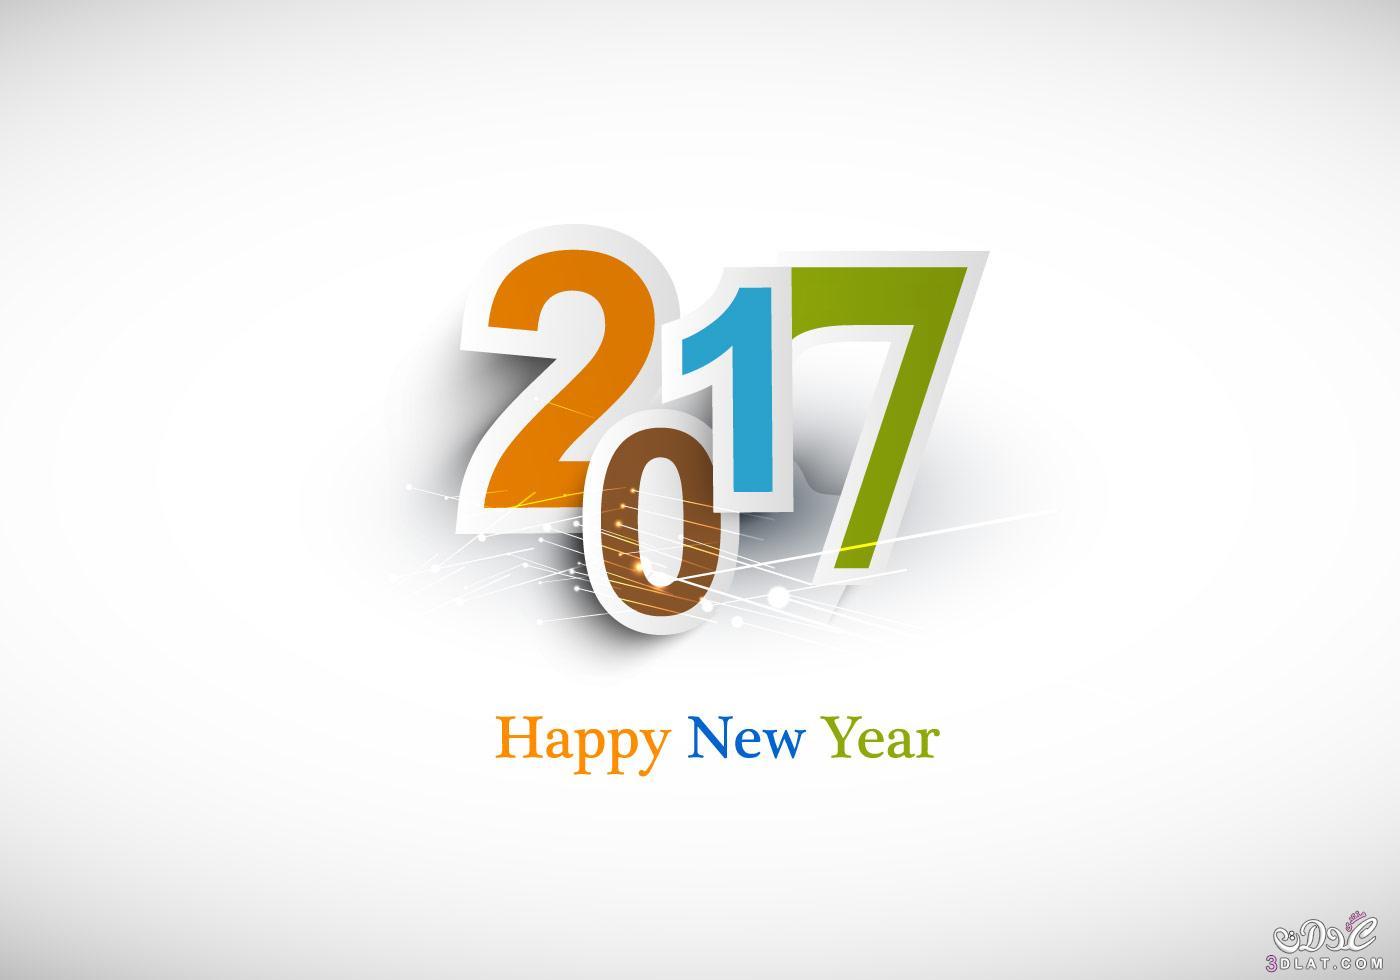 صور للعام الجديد 2017 , اروع رمزيات راس السنة الميلادية , photos new years 2017 new_1479739243_631.j